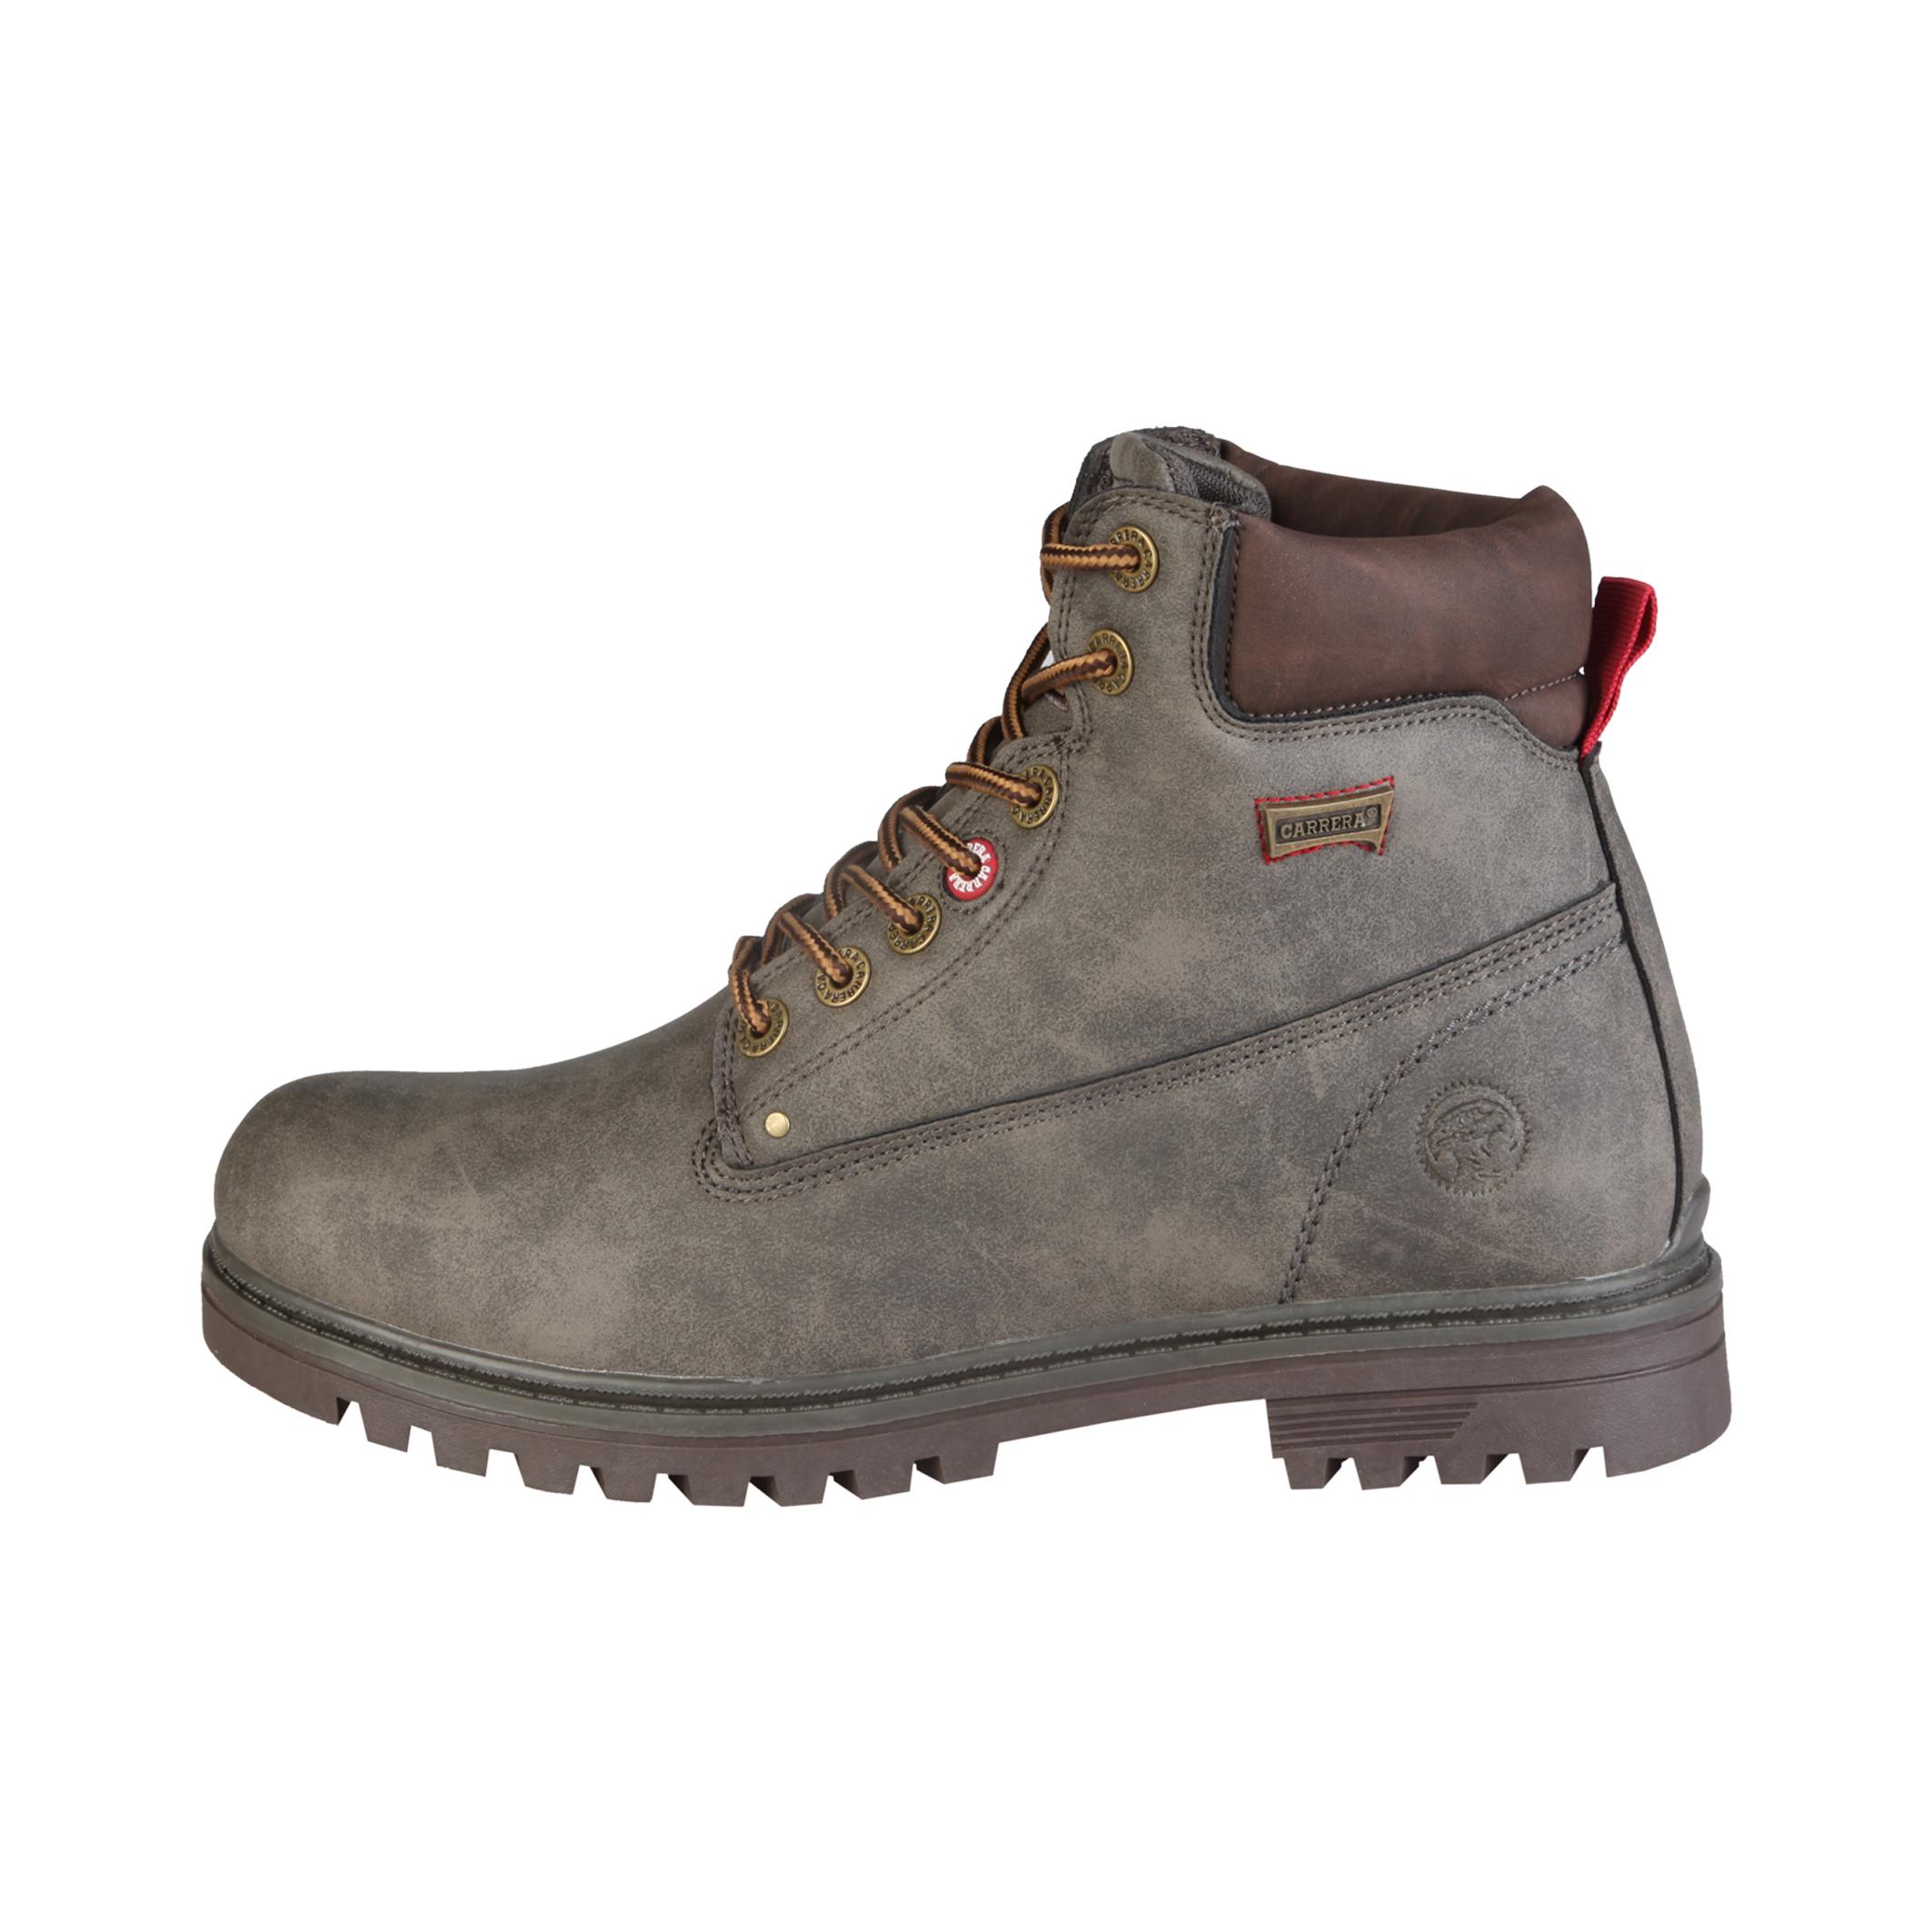 Carrera Jeans  - Botas altas con cordones y cuello acolchado  - Empeine: eco-cuero  - Ojetes metálic